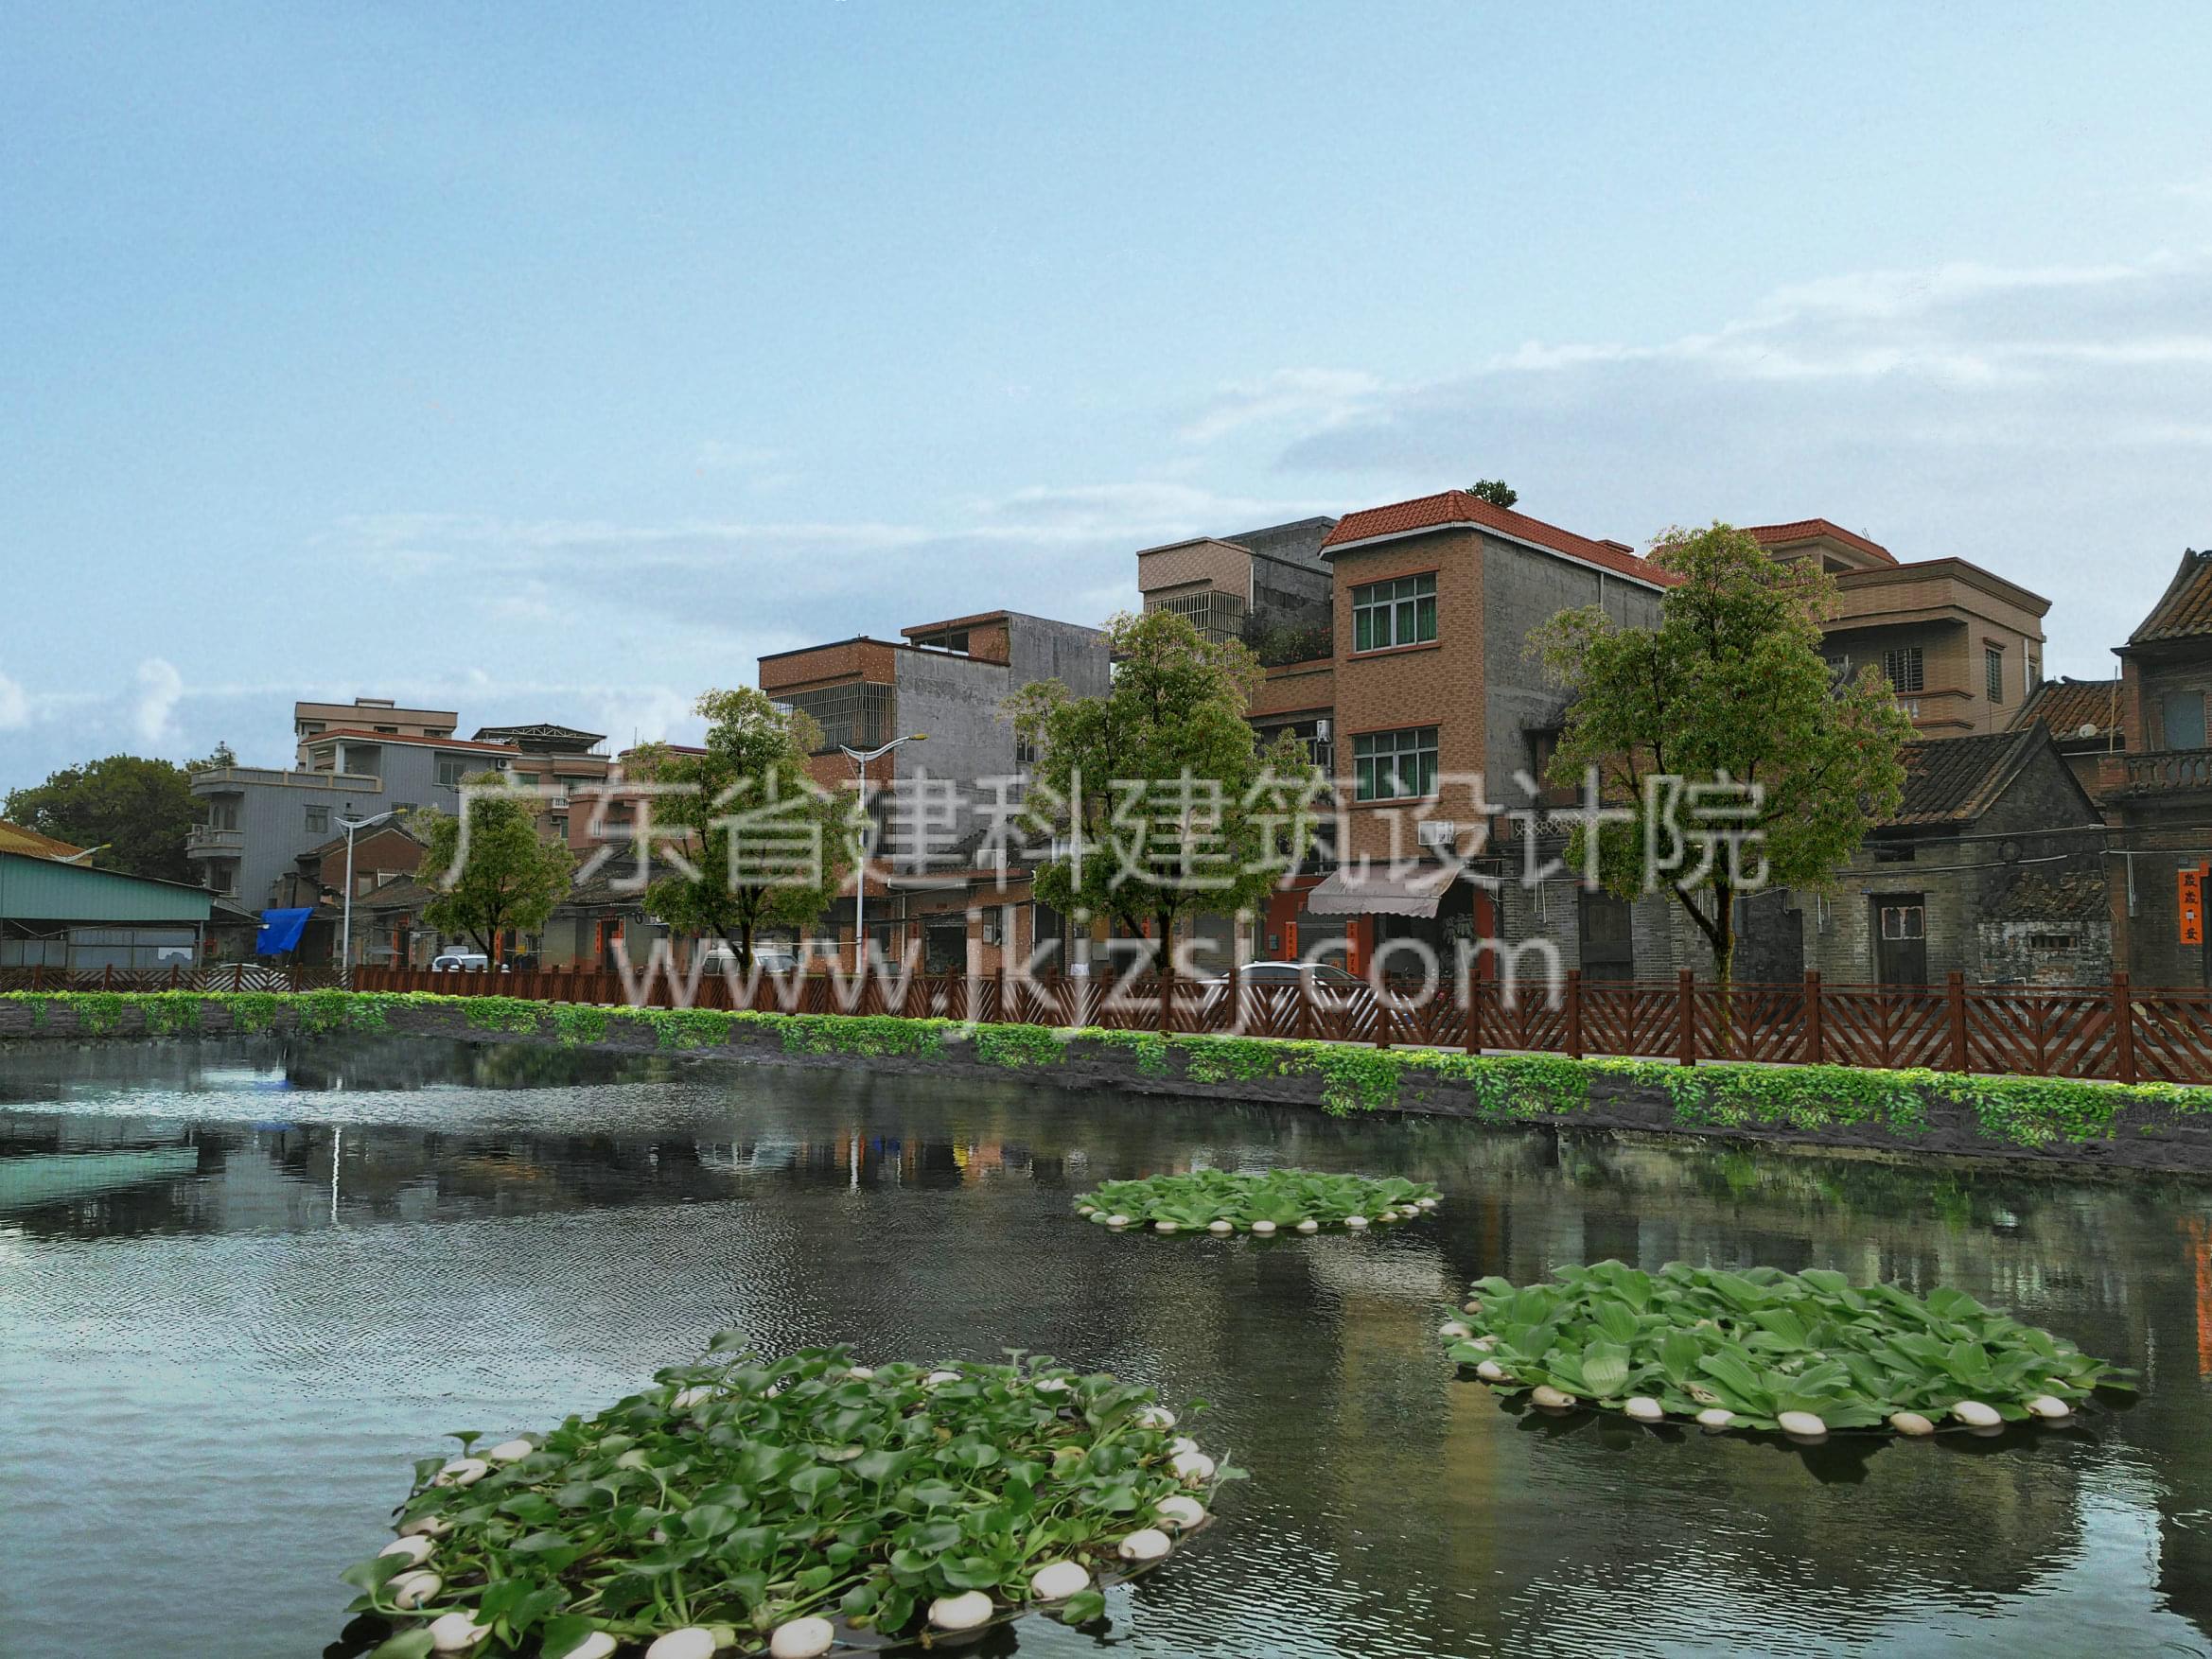 高埗镇低涌村美丽幸福村居规划设计